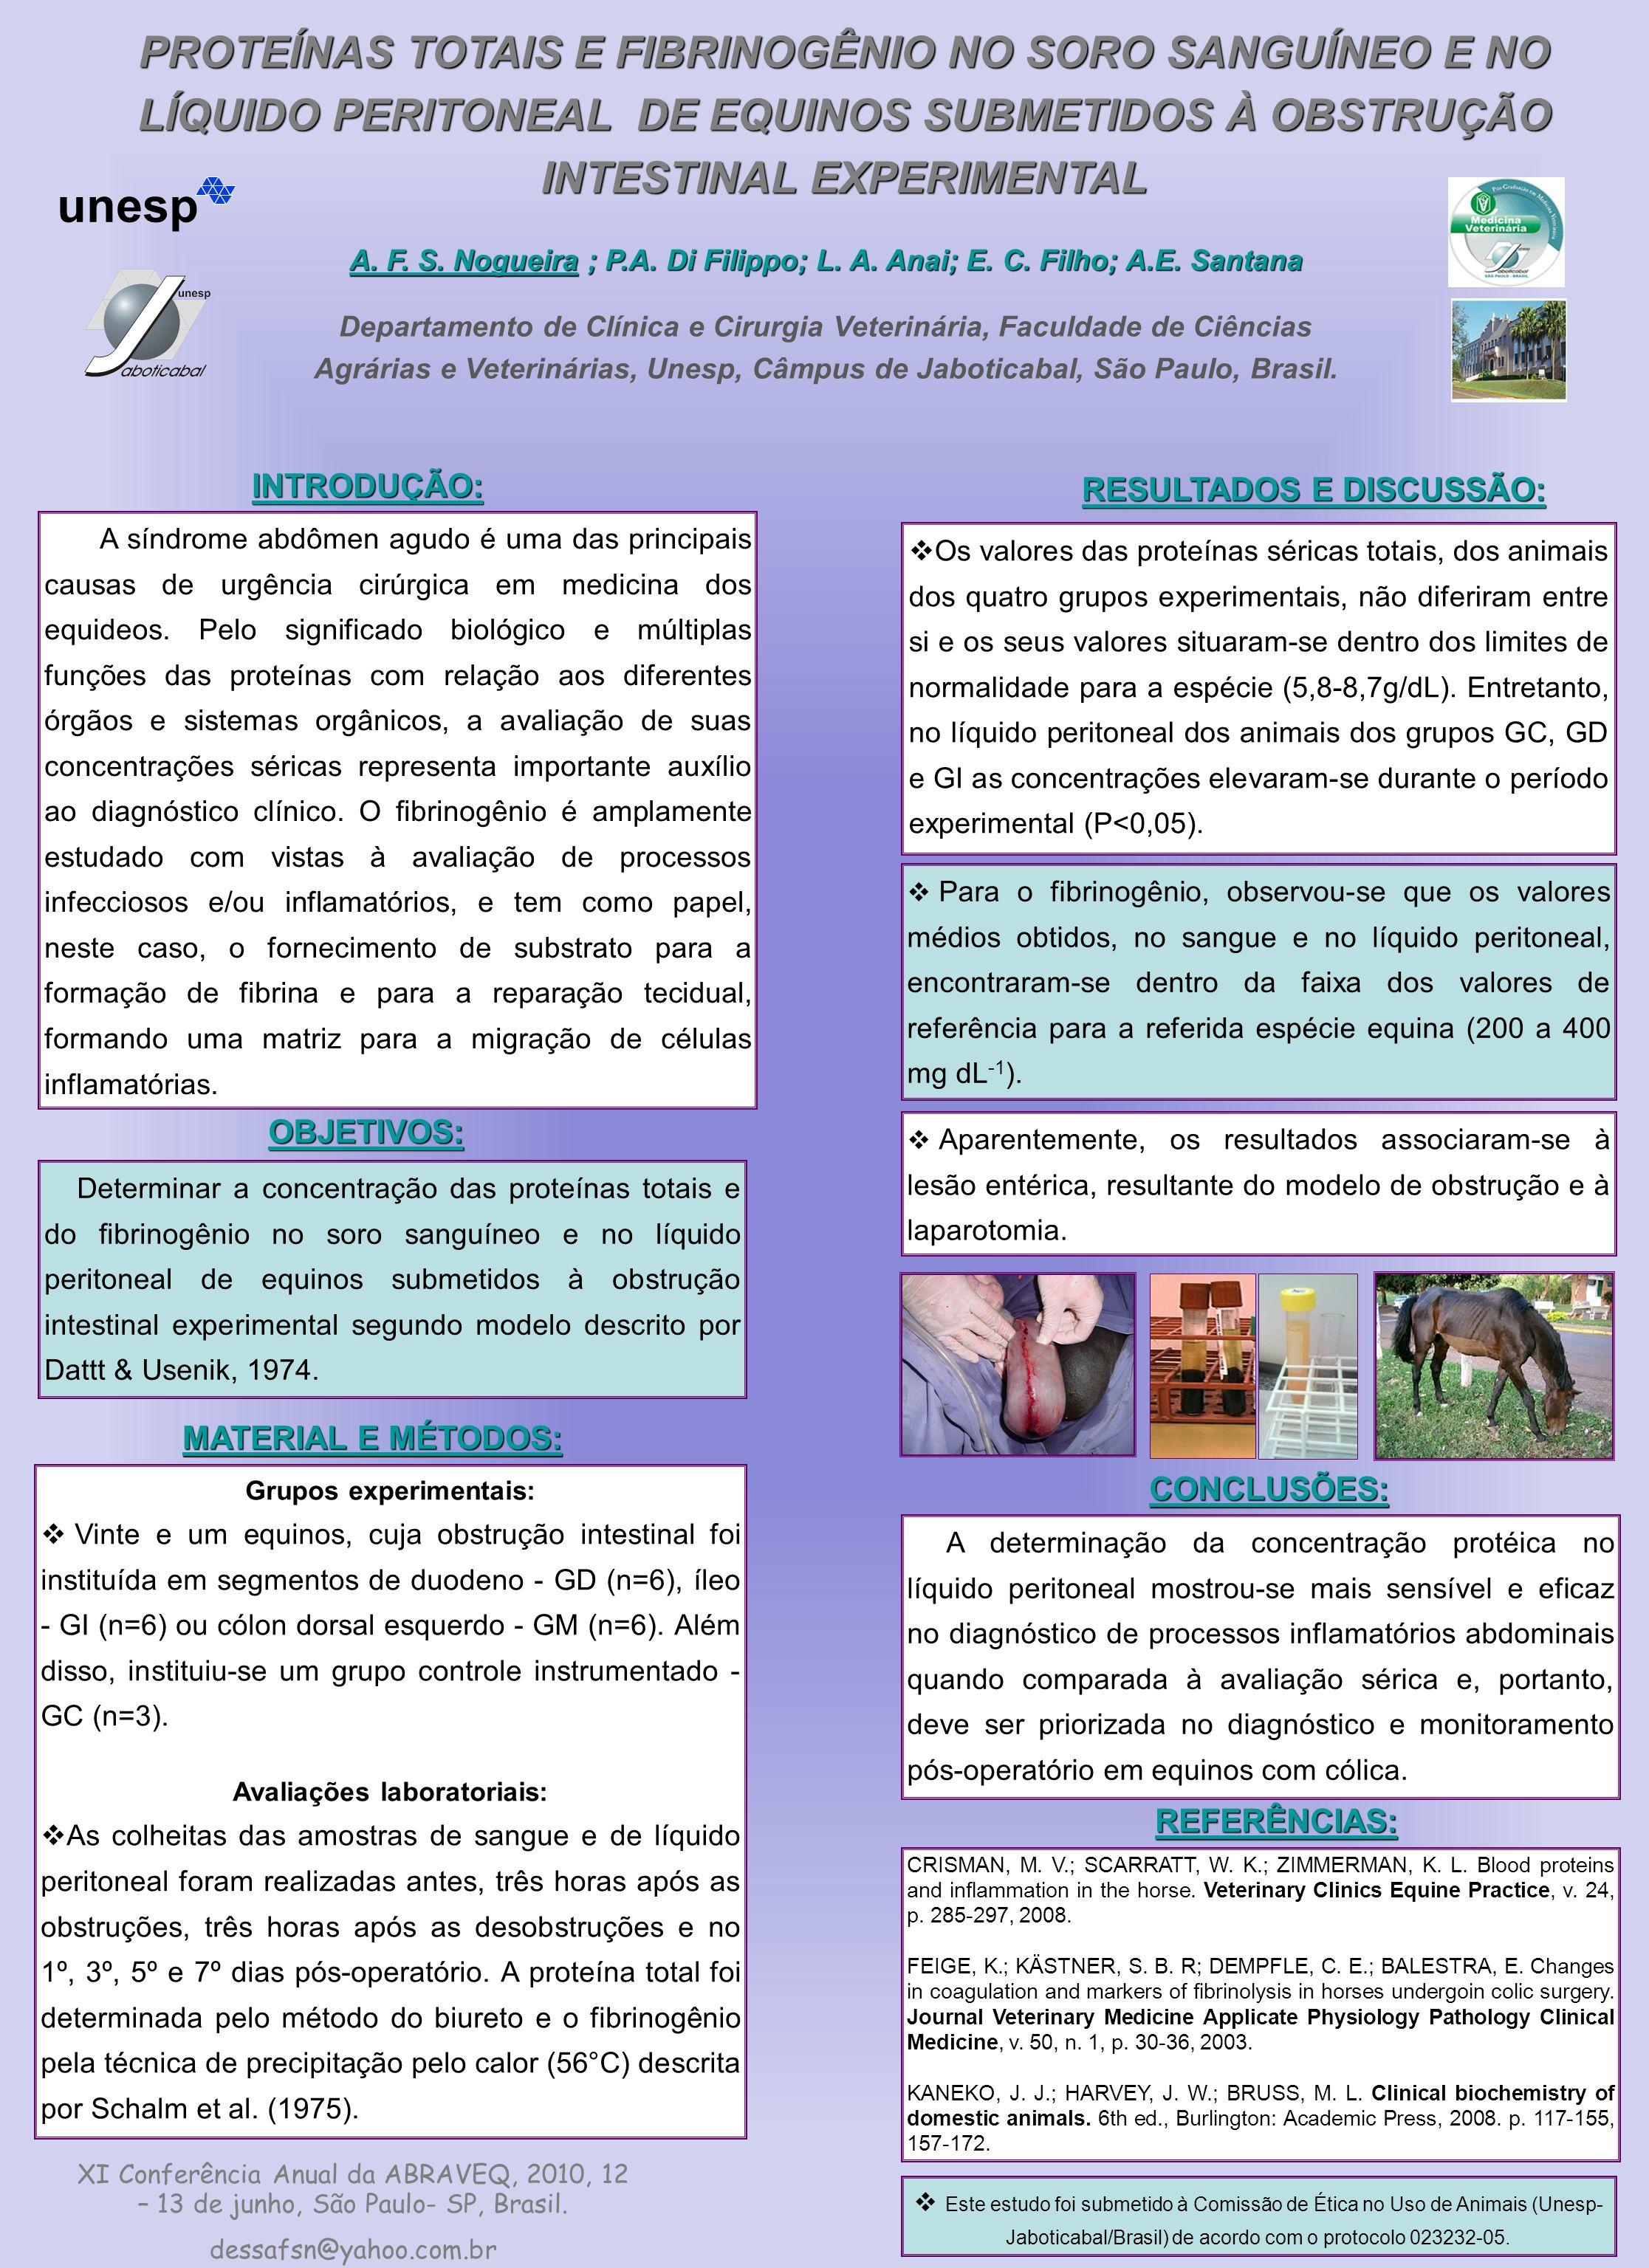 PROTEÍNAS TOTAIS E FIBRINOGÊNIO NO SORO SANGUÍNEO E NO LÍQUIDO PERITONEAL DE EQUINOS SUBMETIDOS À OBSTRUÇÃO INTESTINAL EXPERIMENTAL